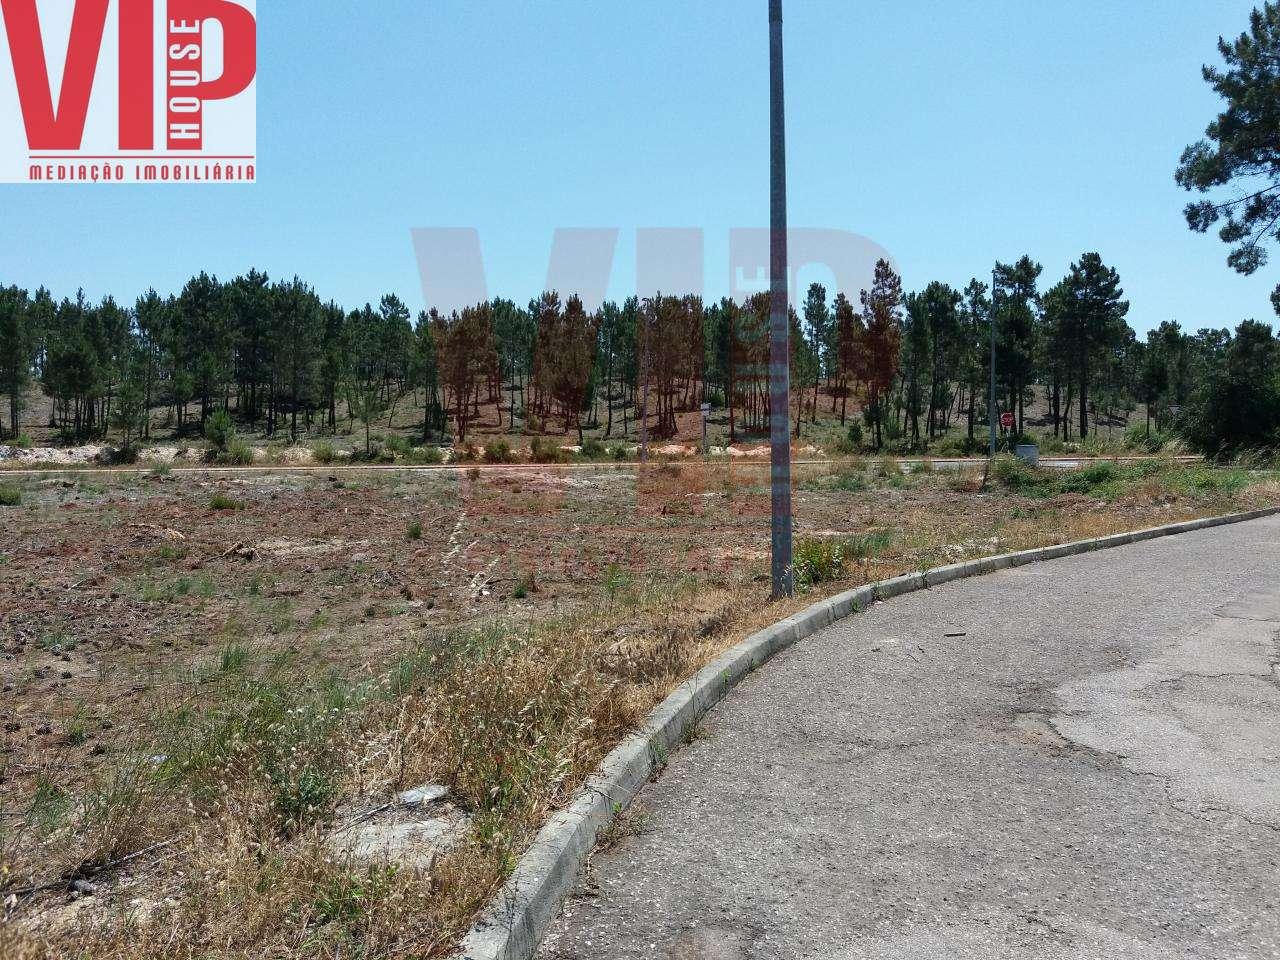 Terreno para comprar, Corroios, Seixal, Setúbal - Foto 15